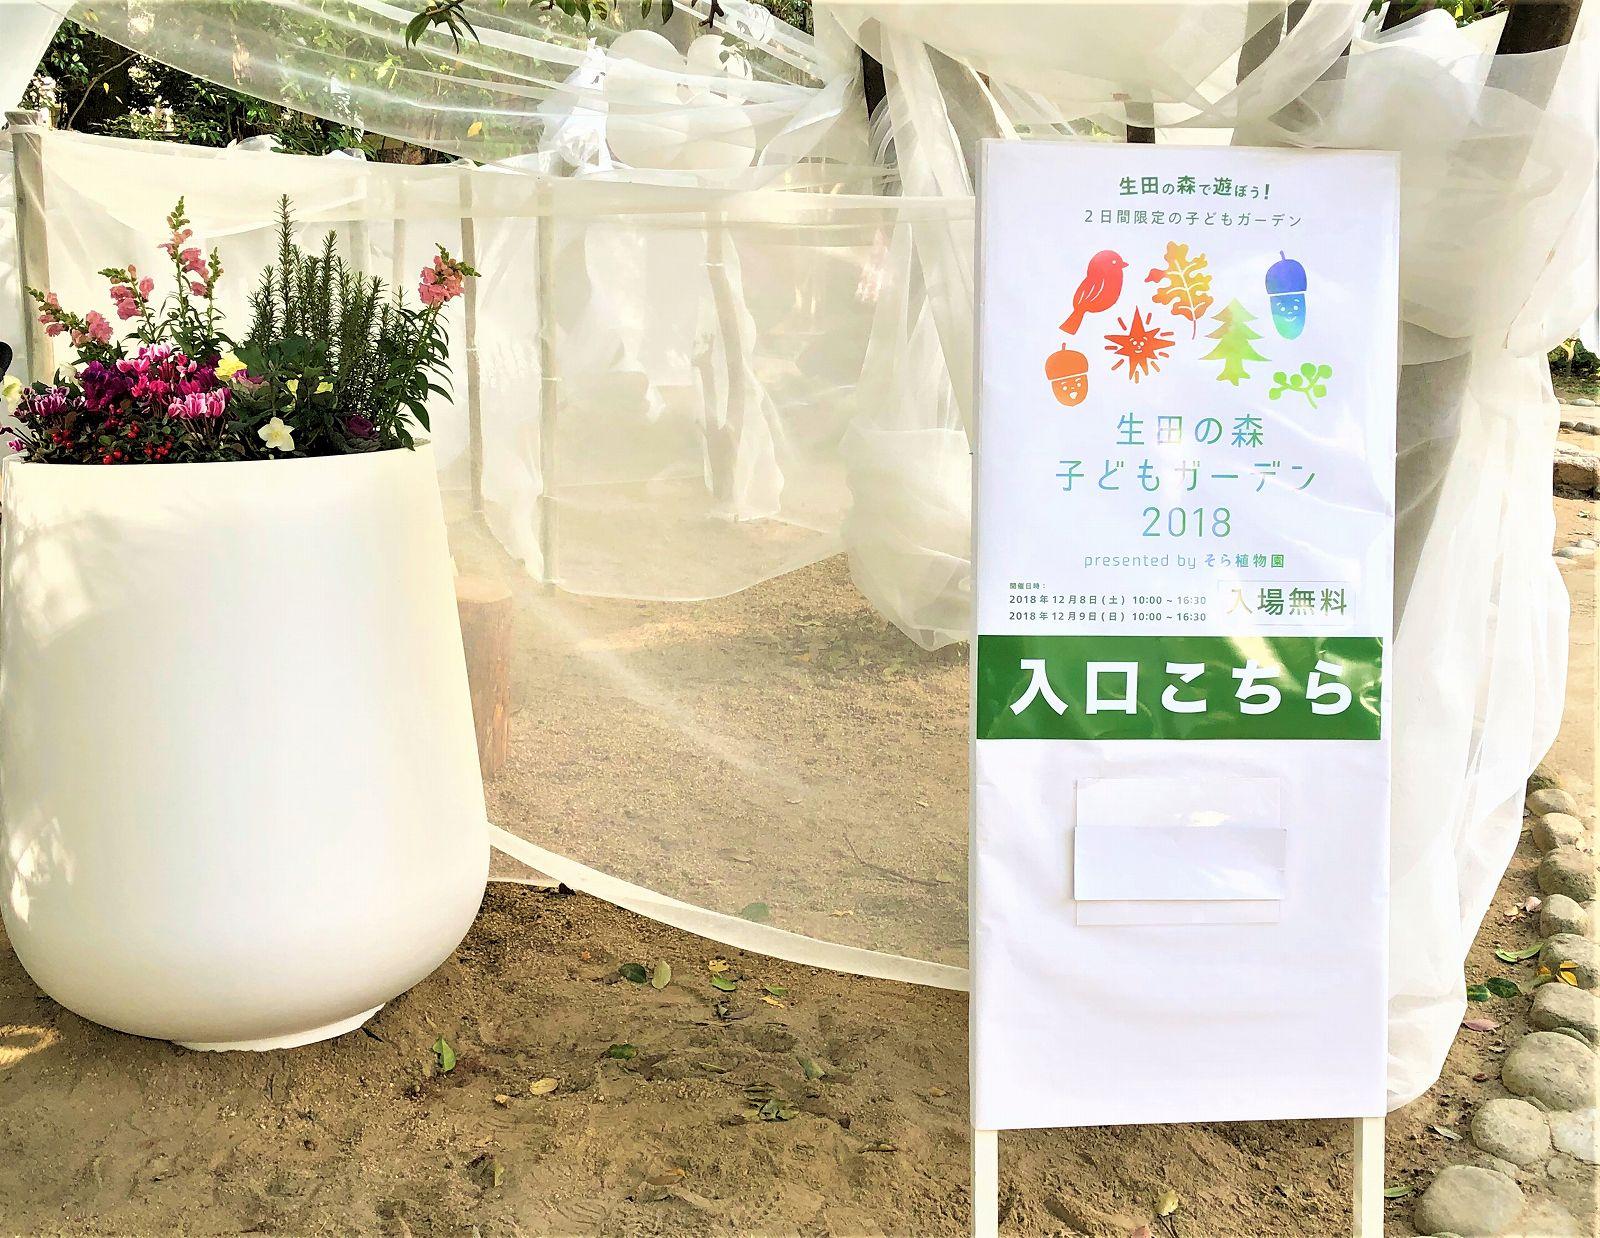 神戸の生田神社で12/8・9に「生田の森 子どもガーデン 2018」開催。その外観を見てきた! #世界一のクリスマスツリー #あすなろの木 #西畠清順 #生田神社 #そら植物園 #プラントハンター